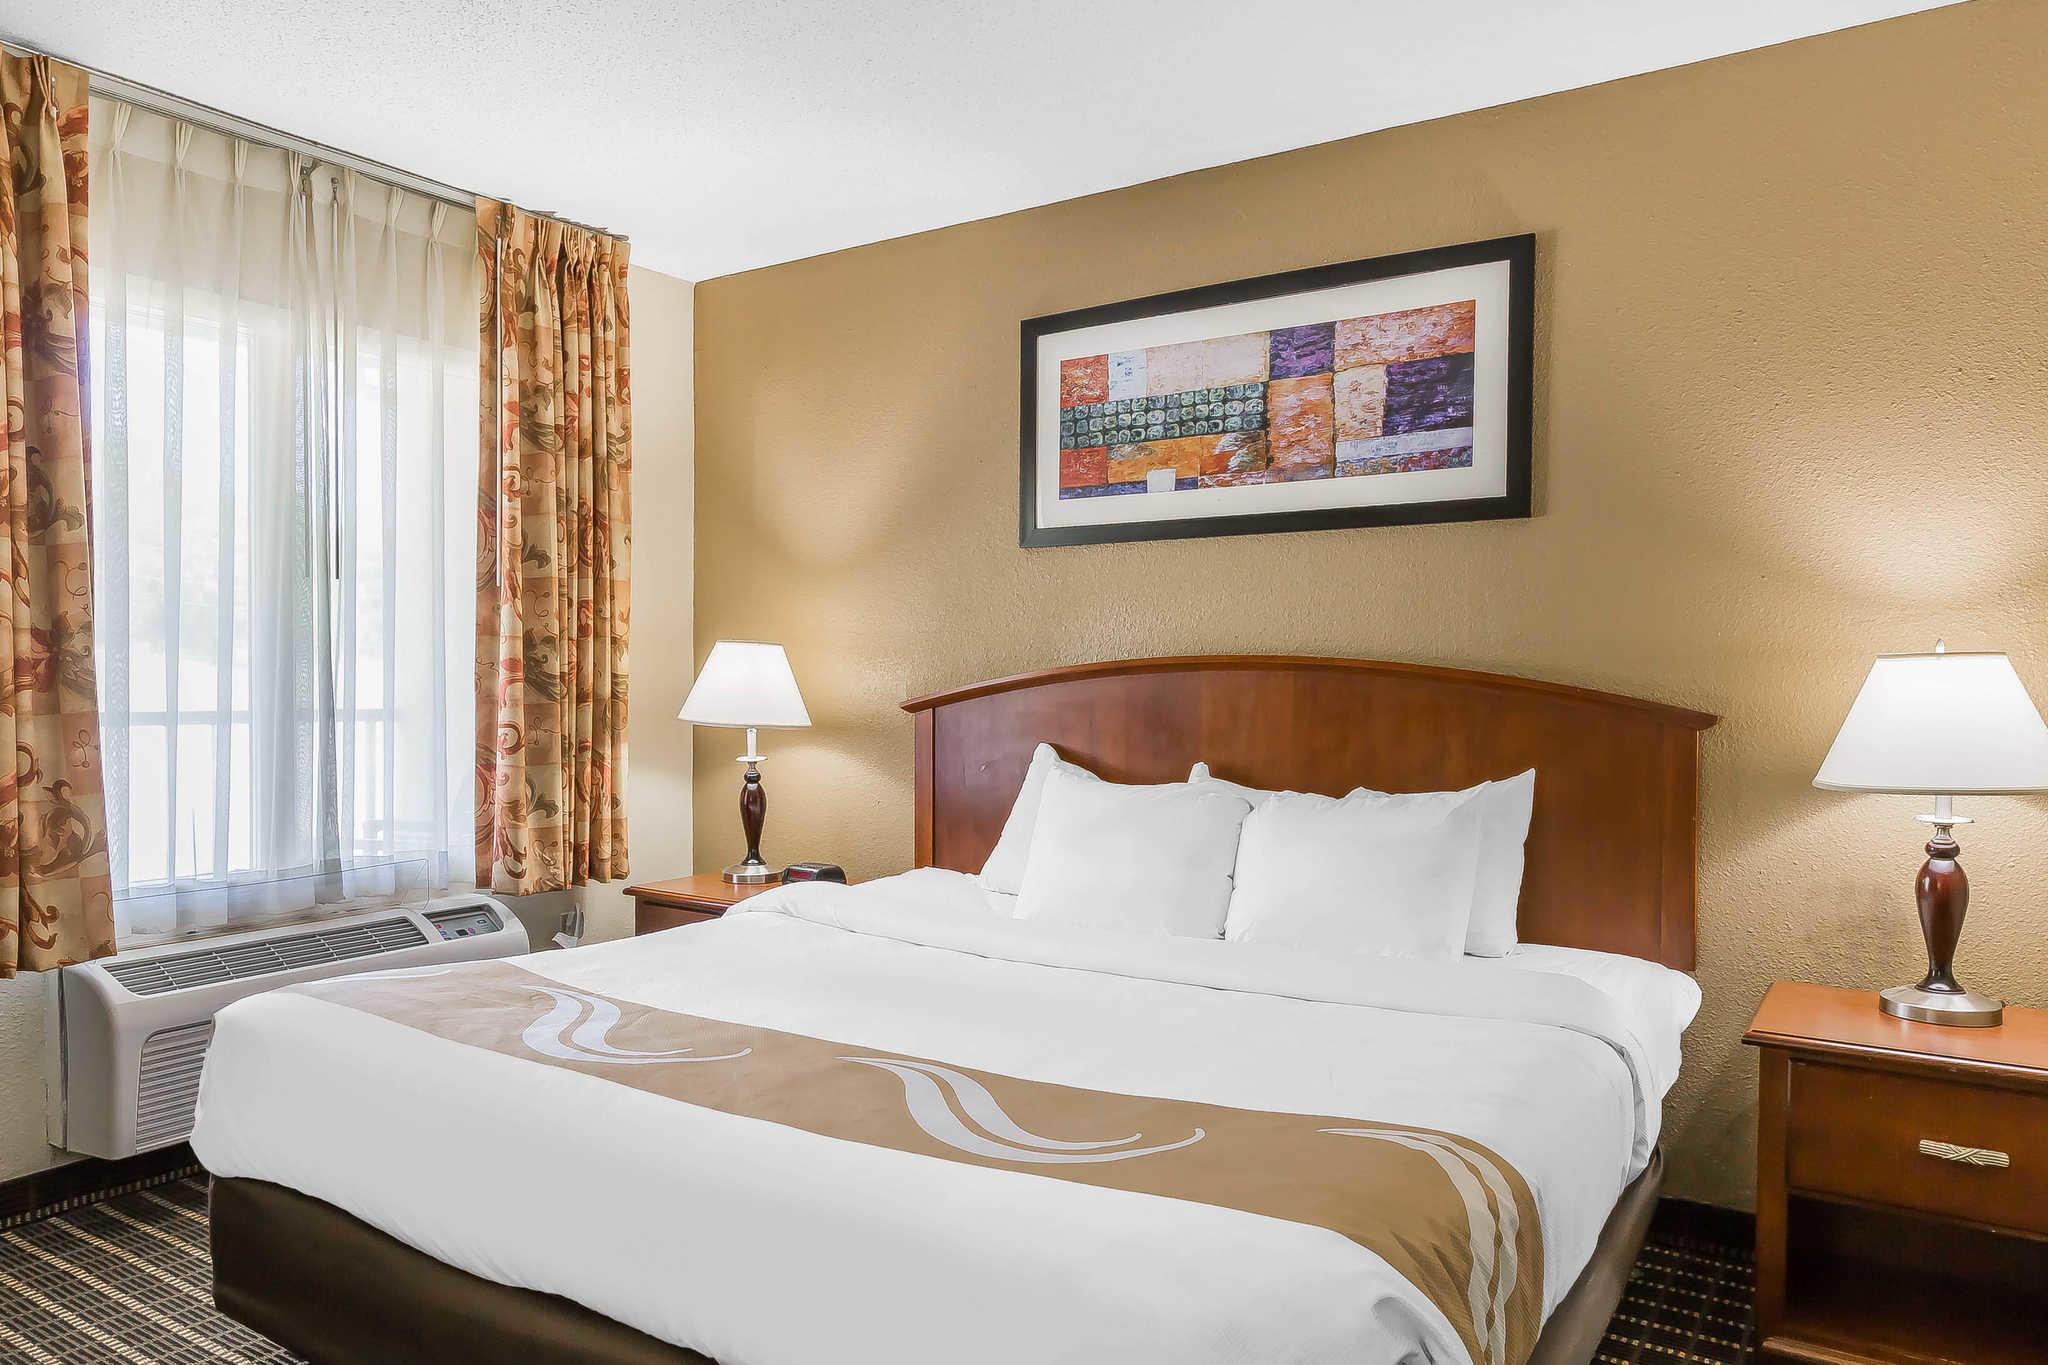 Quality Inn & Suites River Suites image 24